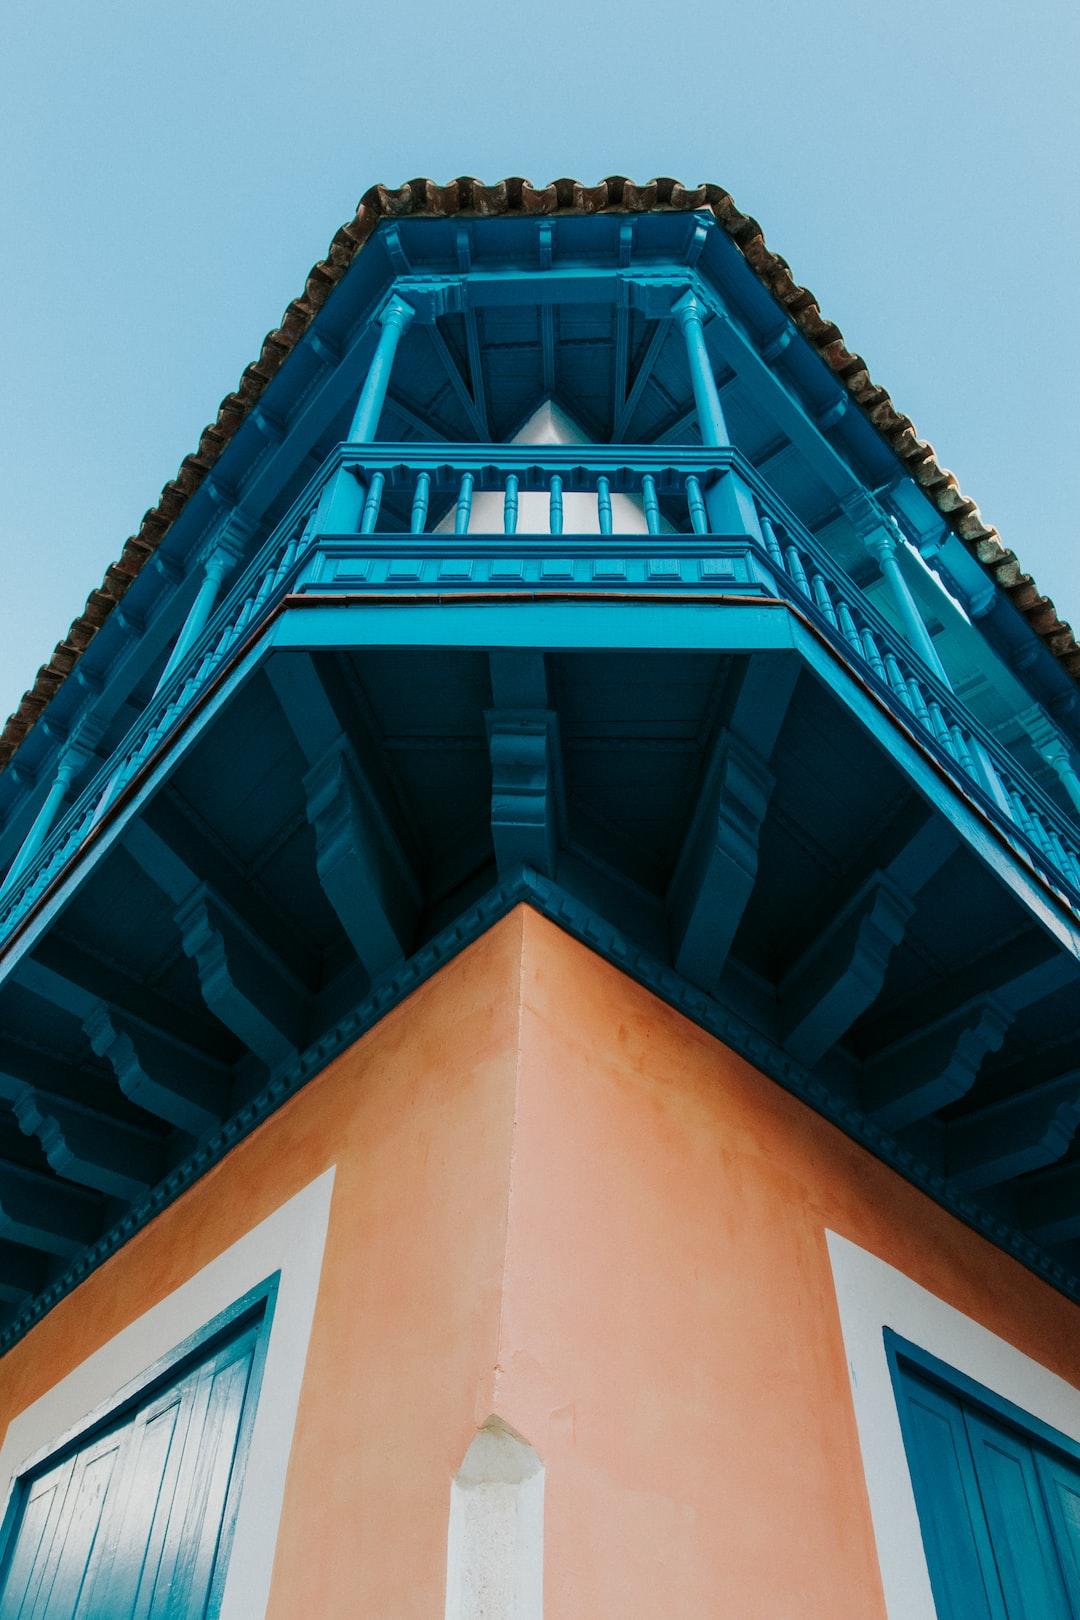 Colorful Colonial Building in Havana, Cuba